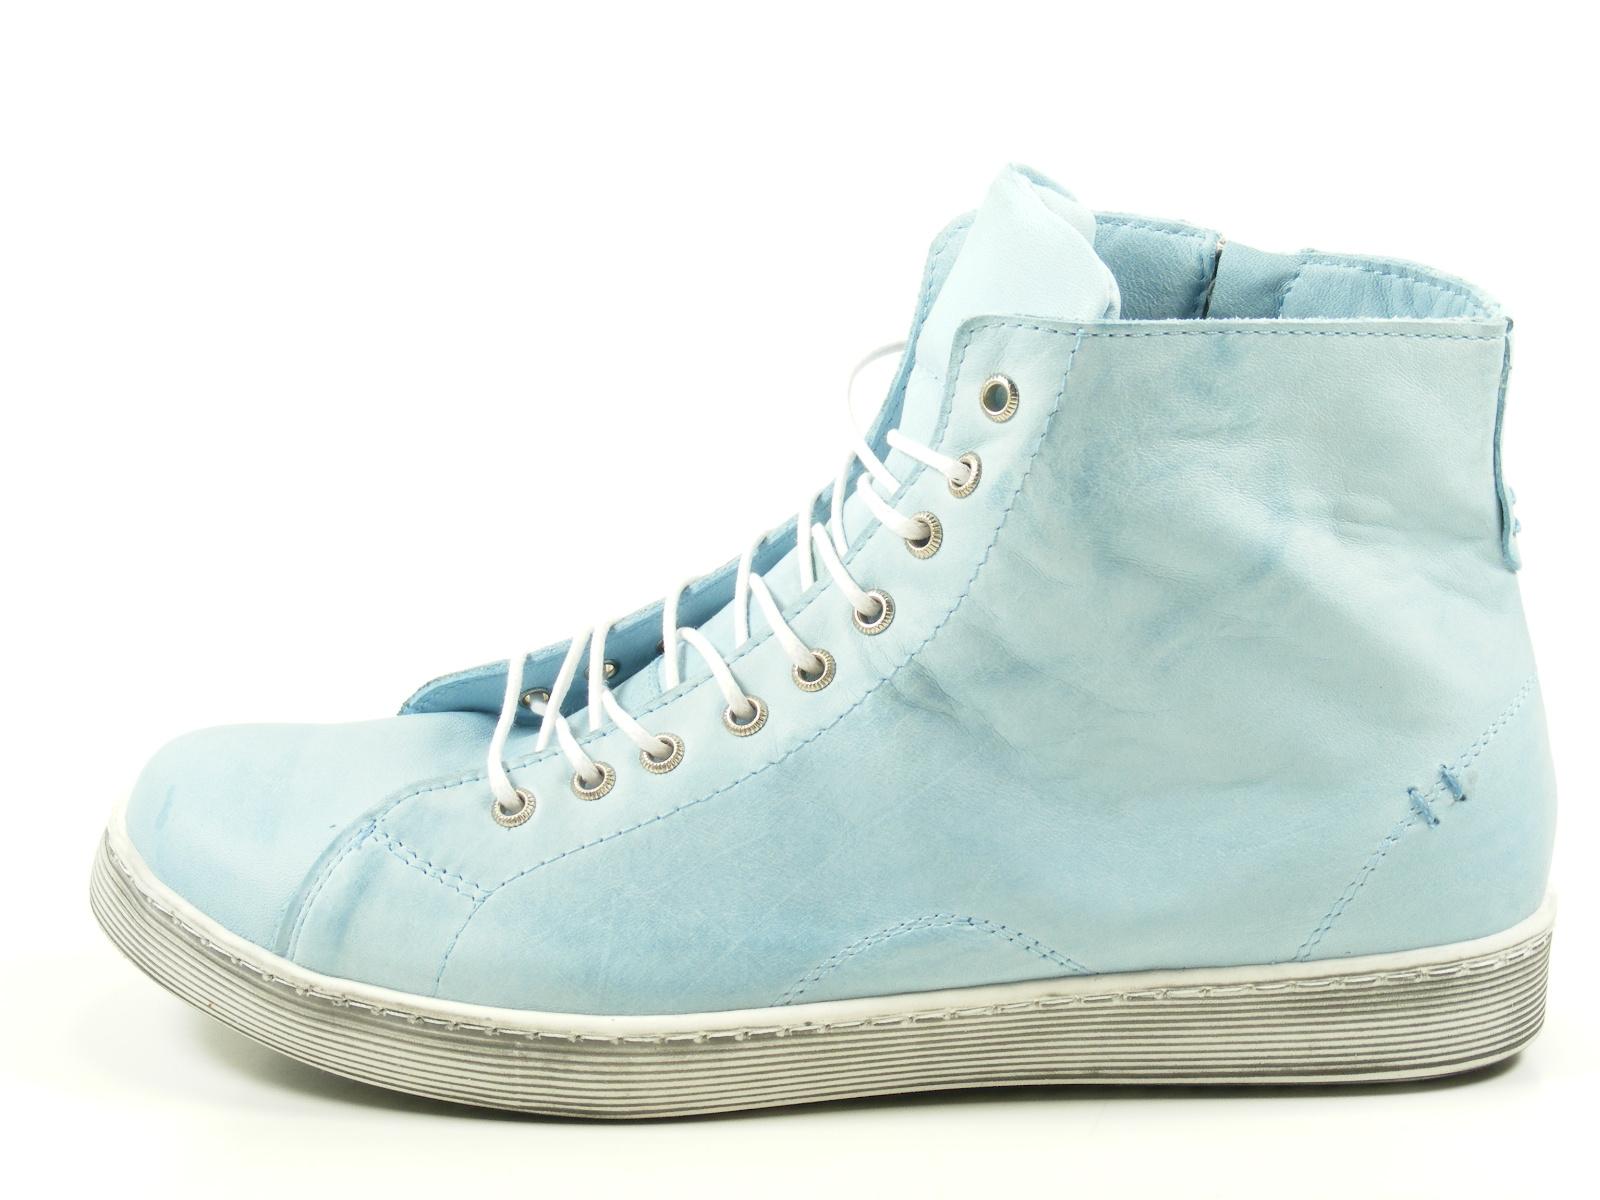 Andrea Conti 0341500 Schuhe Damen Boots Halbschuhe Sneaker High Top, Schuhgröße:38 EU, Farbe:Blau